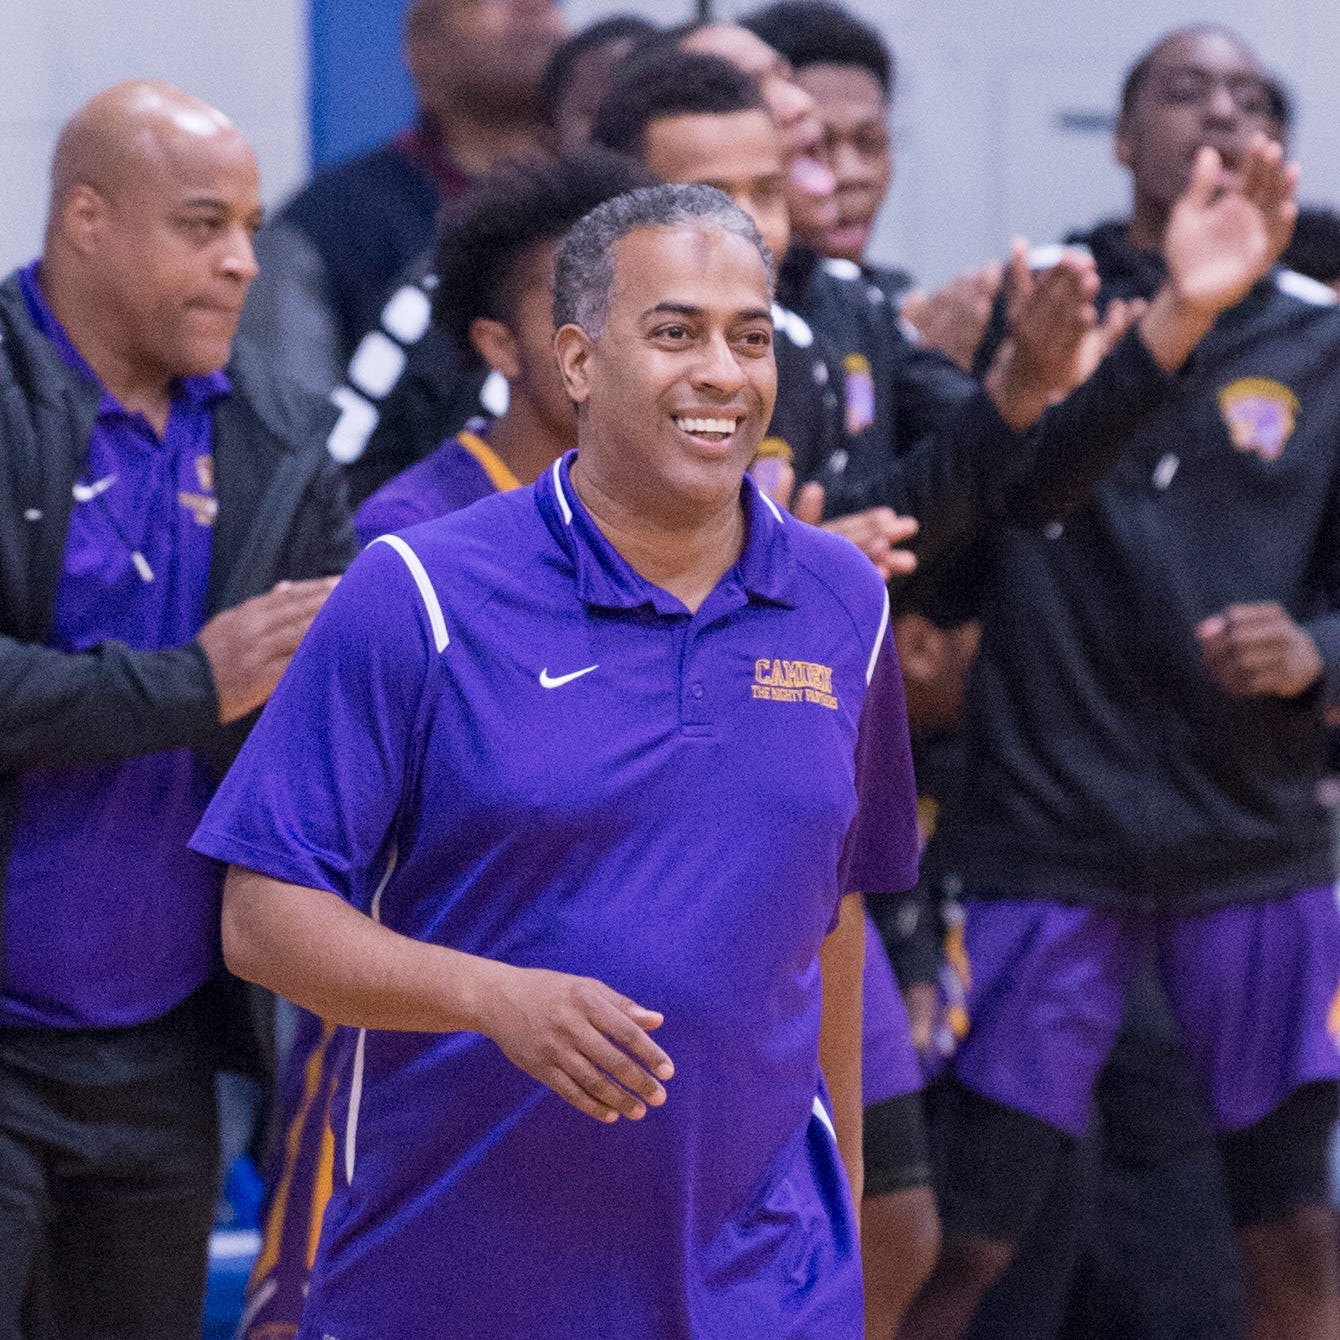 South Jersey basketball: Vic Carstarphen resigns as Camden head coach